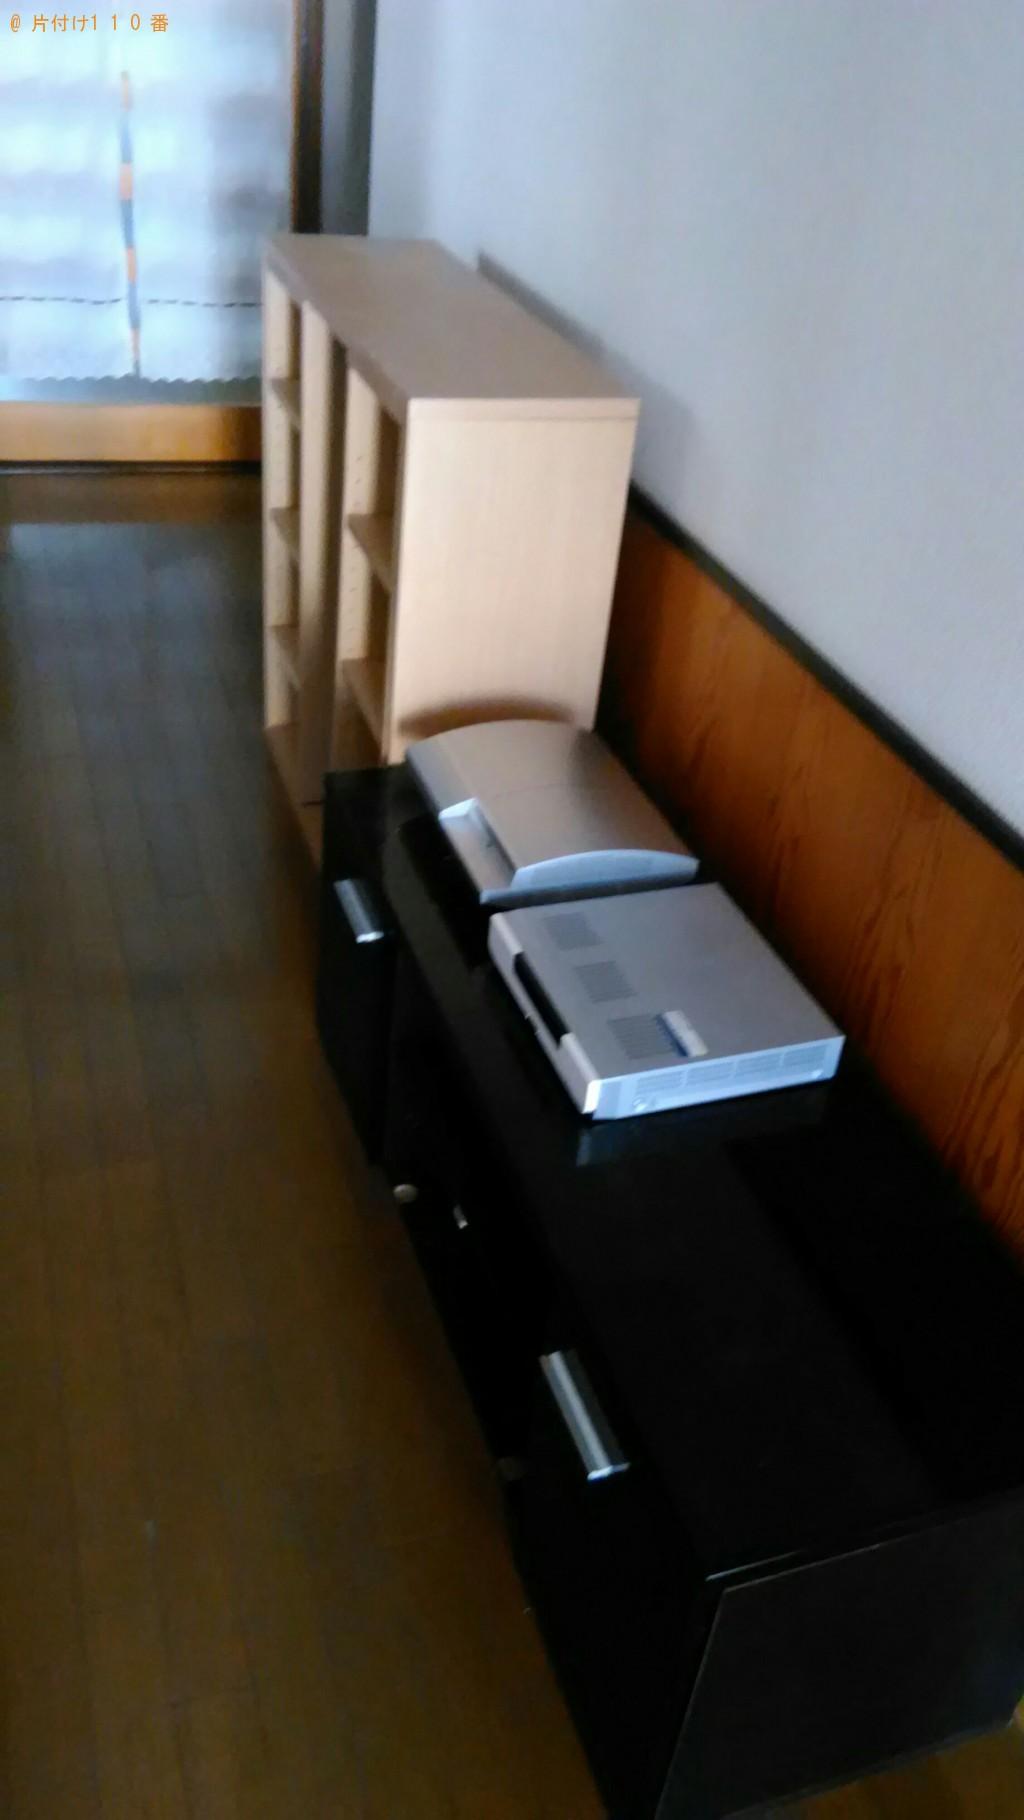 【下新川郡朝日町】本棚、テレビ台、ゲーム機、チューナーの回収